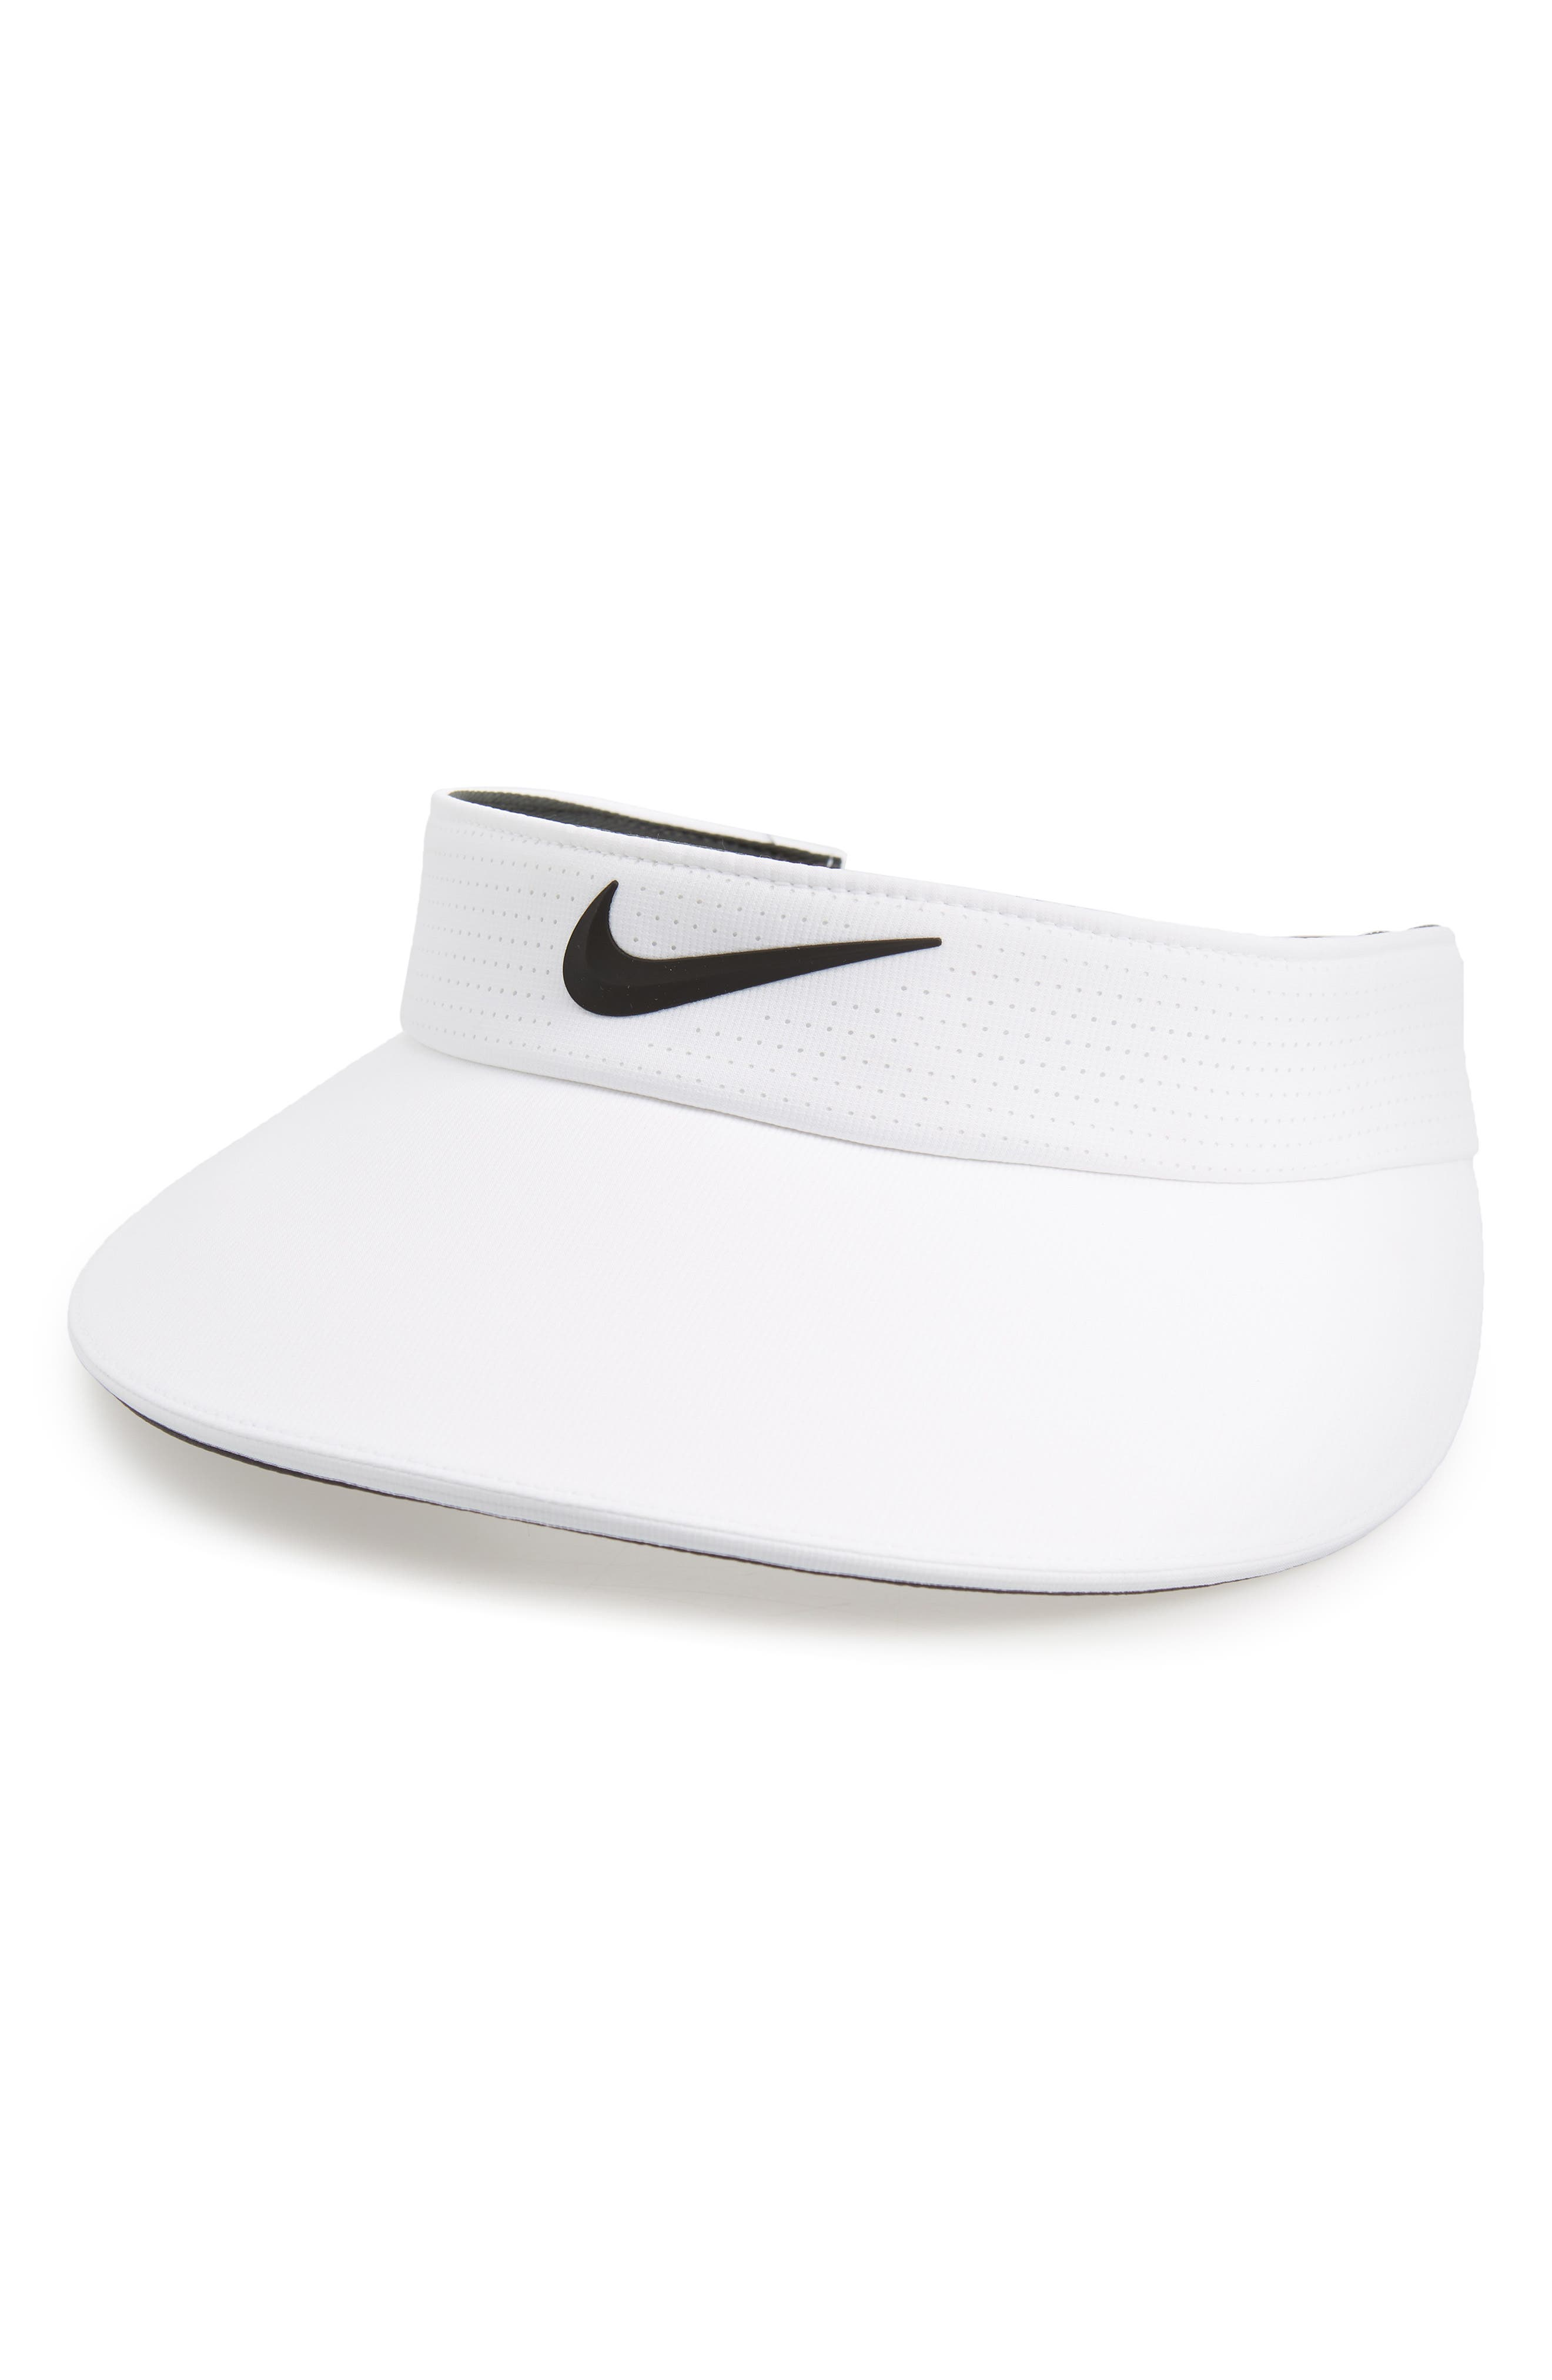 Nike Aerobill Big Bill Golf Visor